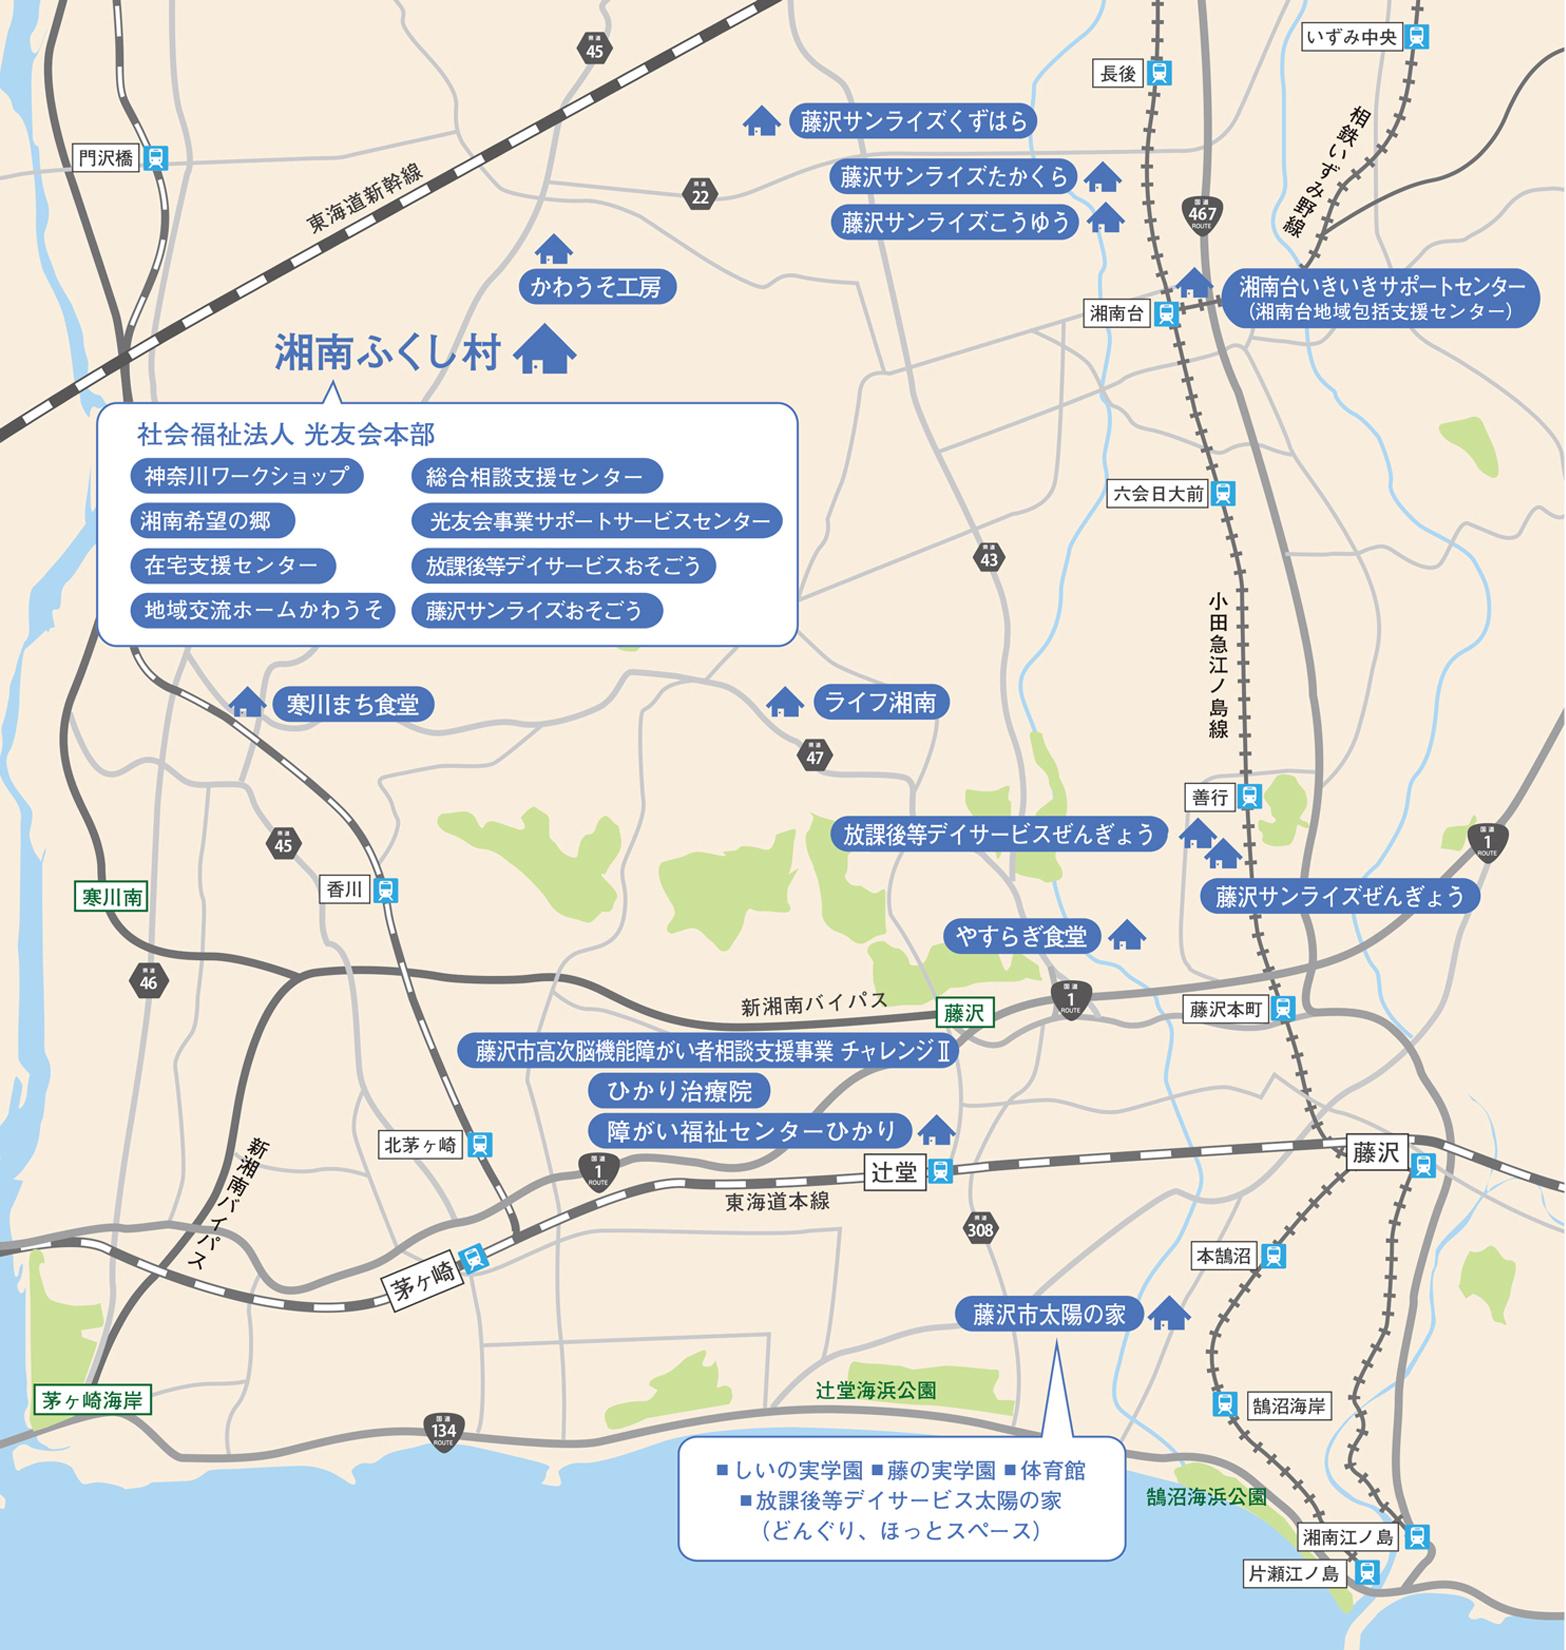 事業所広域マップ